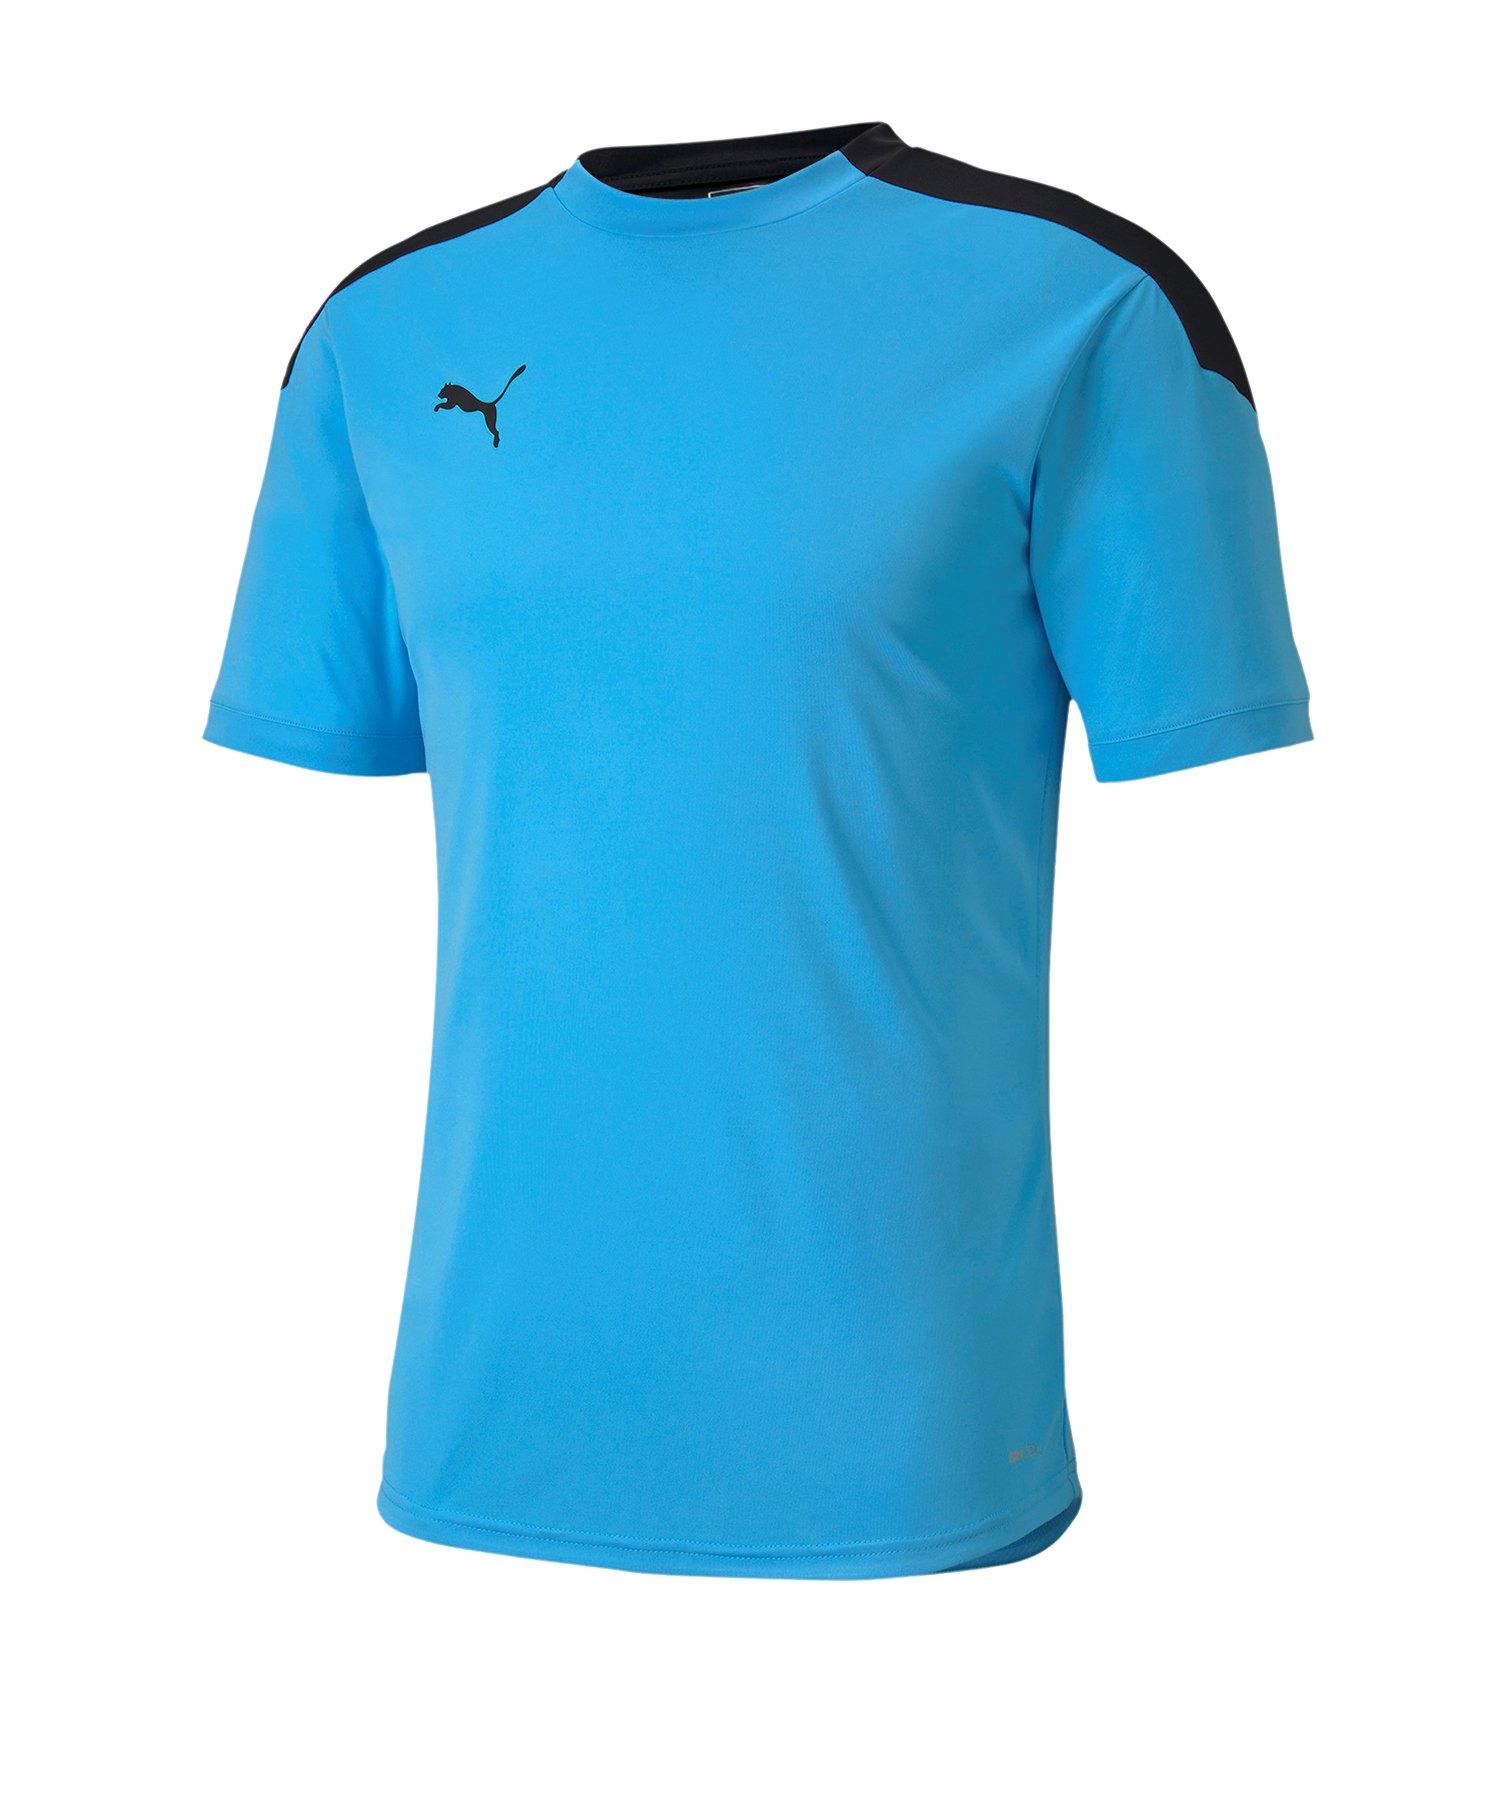 PUMA ftblNXT T-Shirt Blau Schwarz F02 - blau